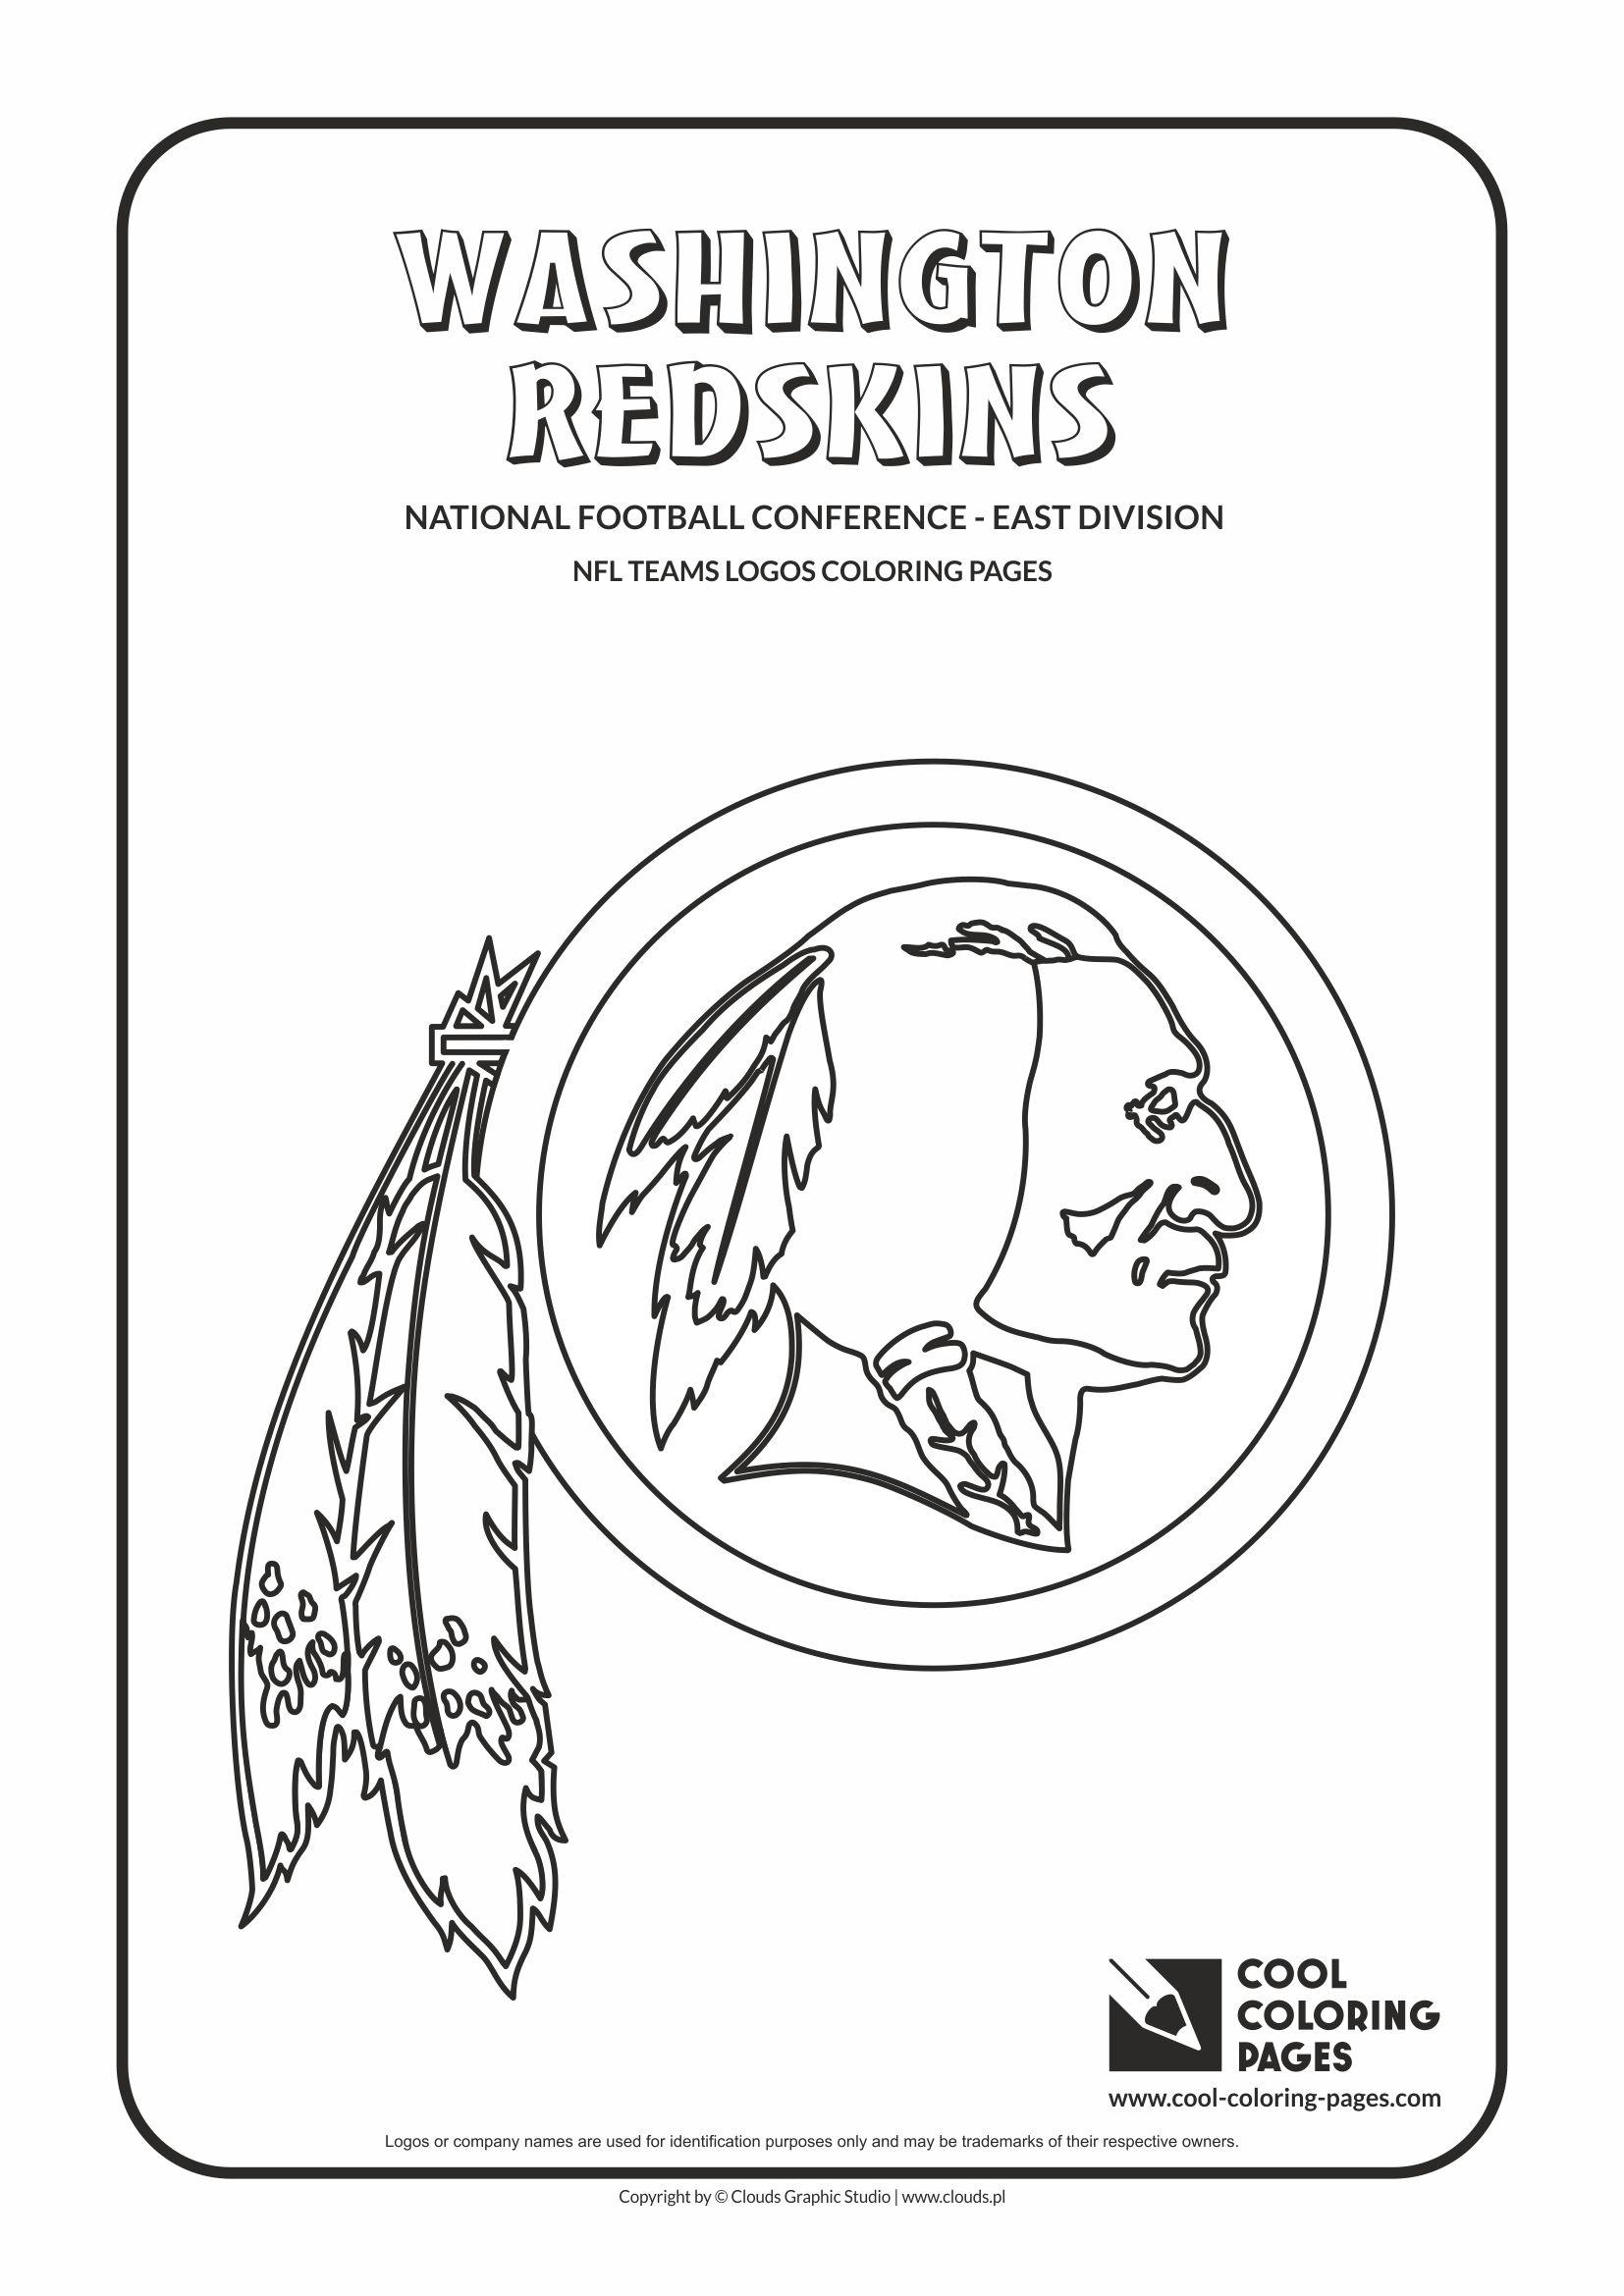 Coloring Pages Washington Redskins Coloring Pages redskins coloring pages az washington nfl american football teams logos coloring